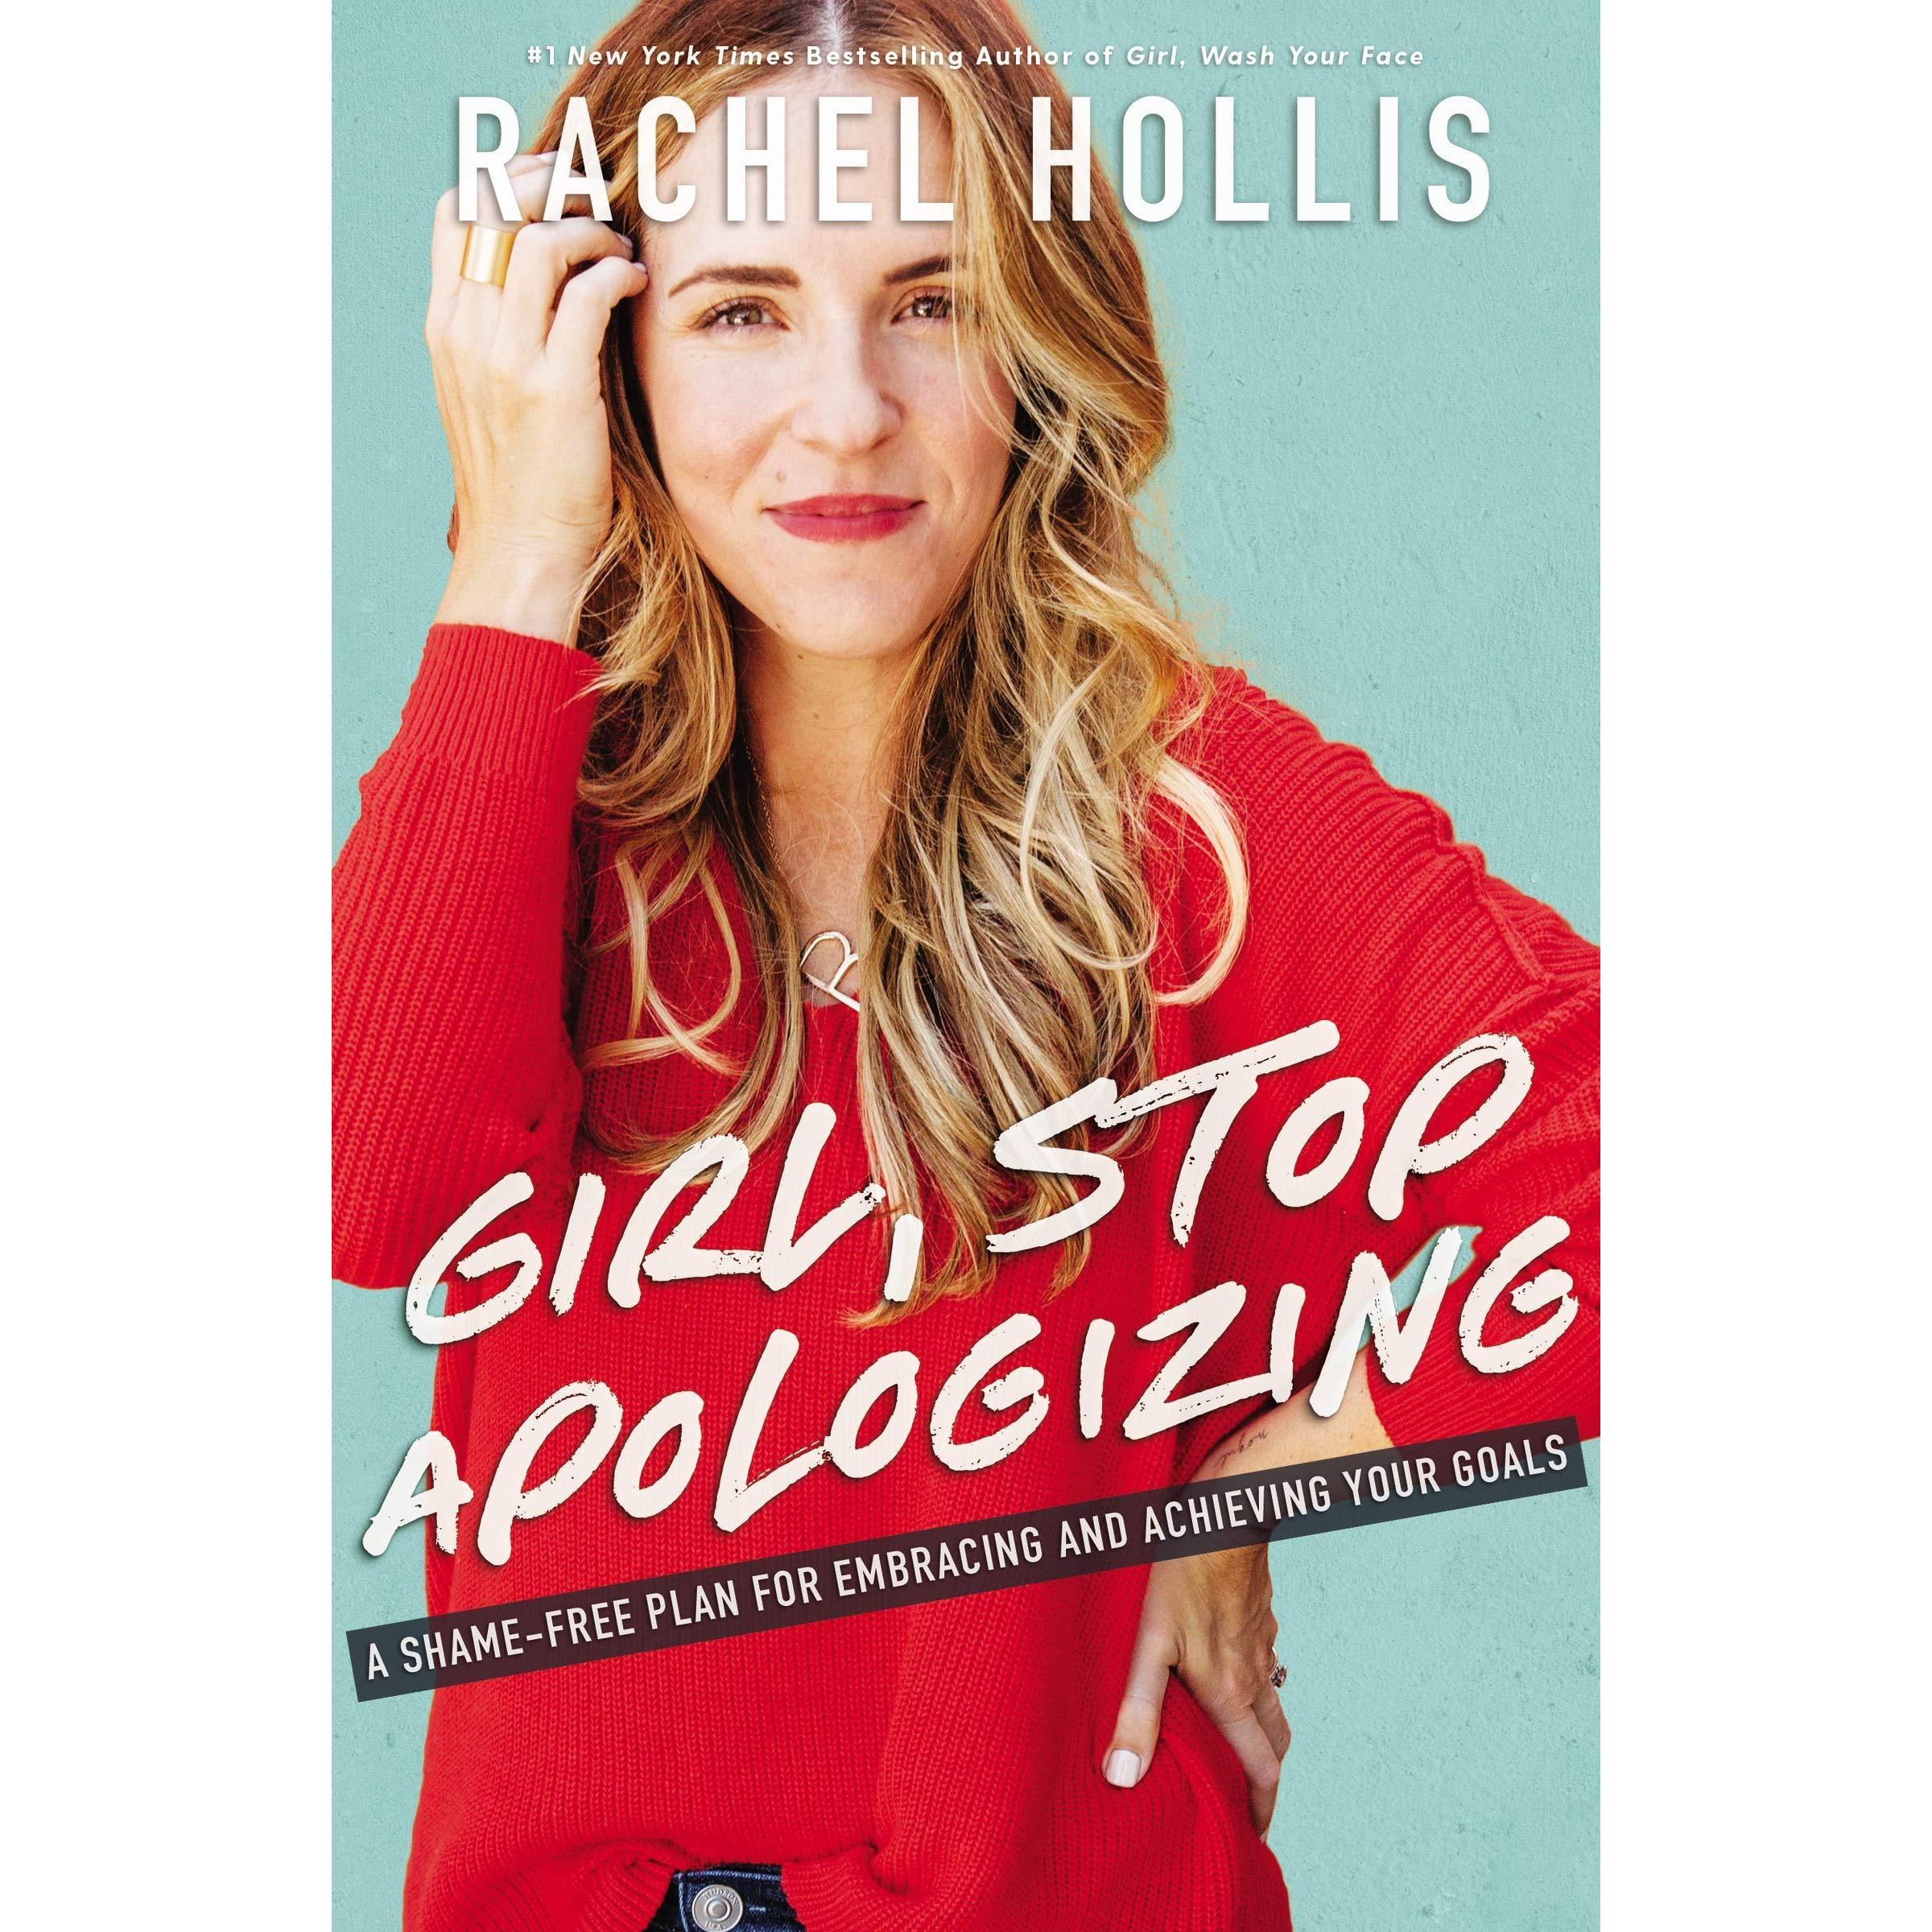 Rachel Hollis // Girl, Stop Apologizing